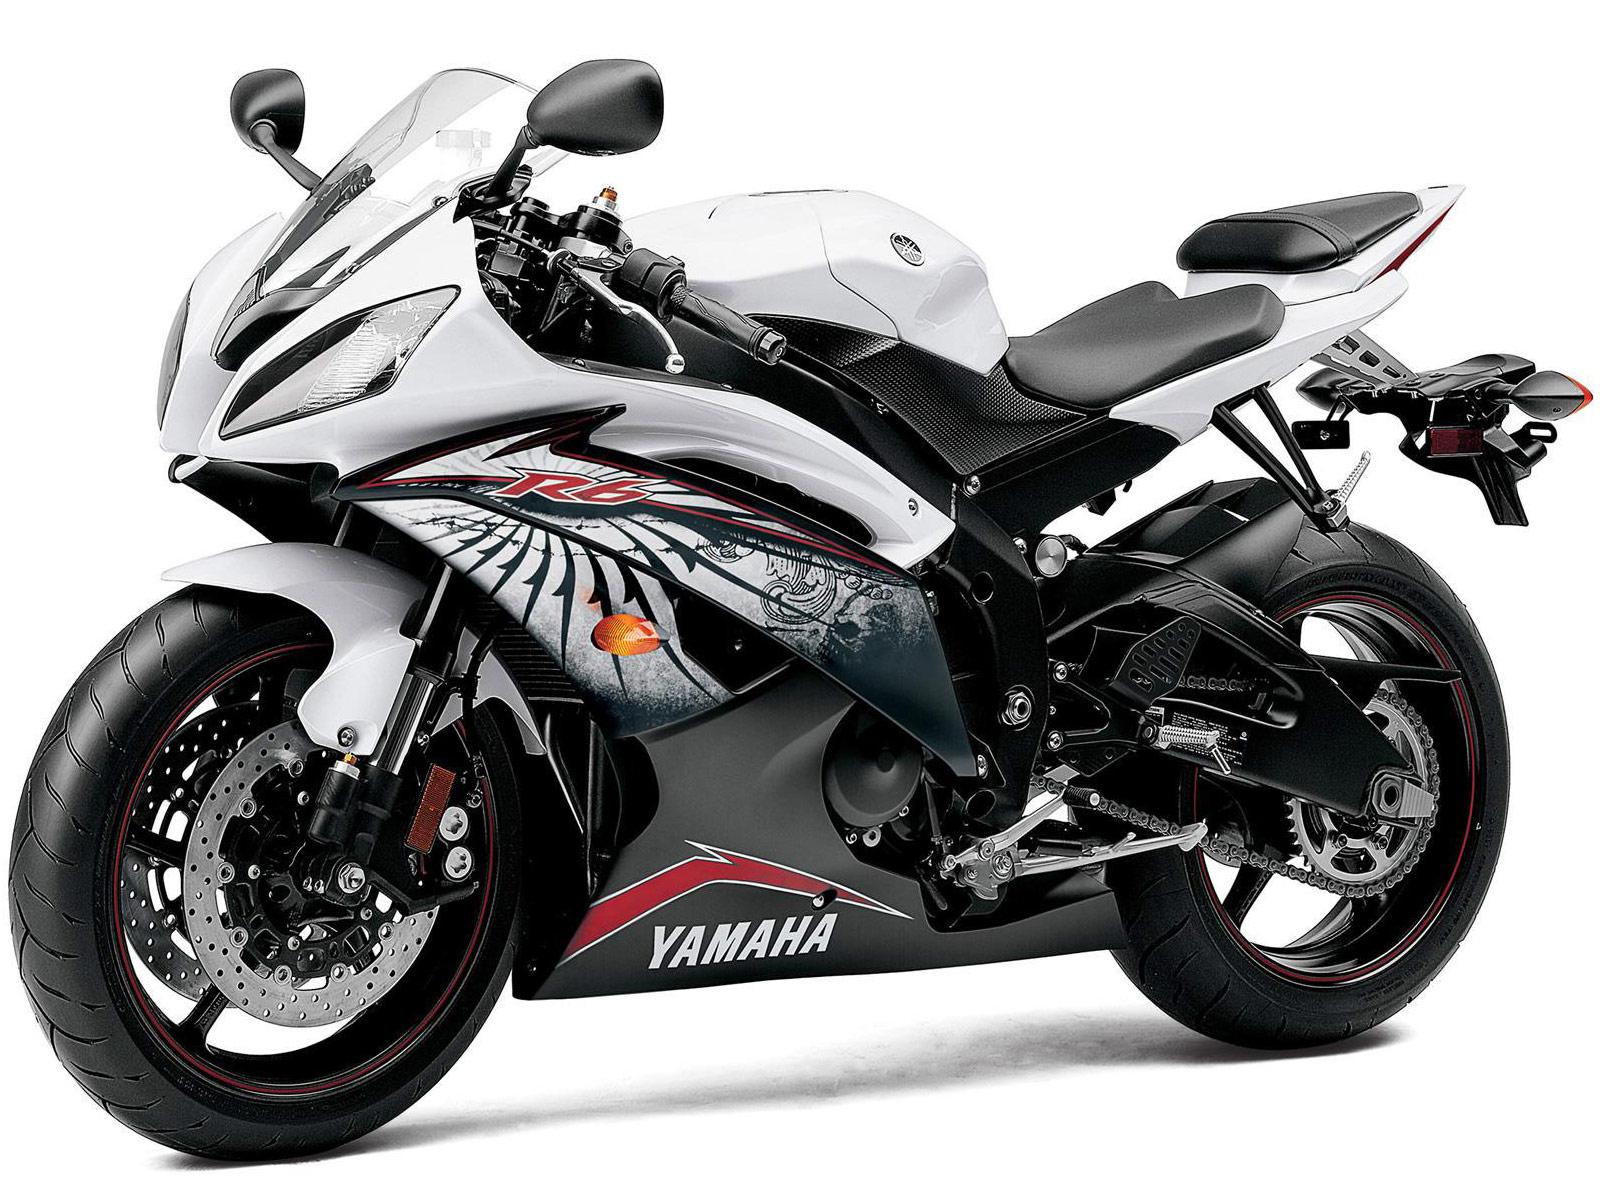 2012 Yamaha Yzf